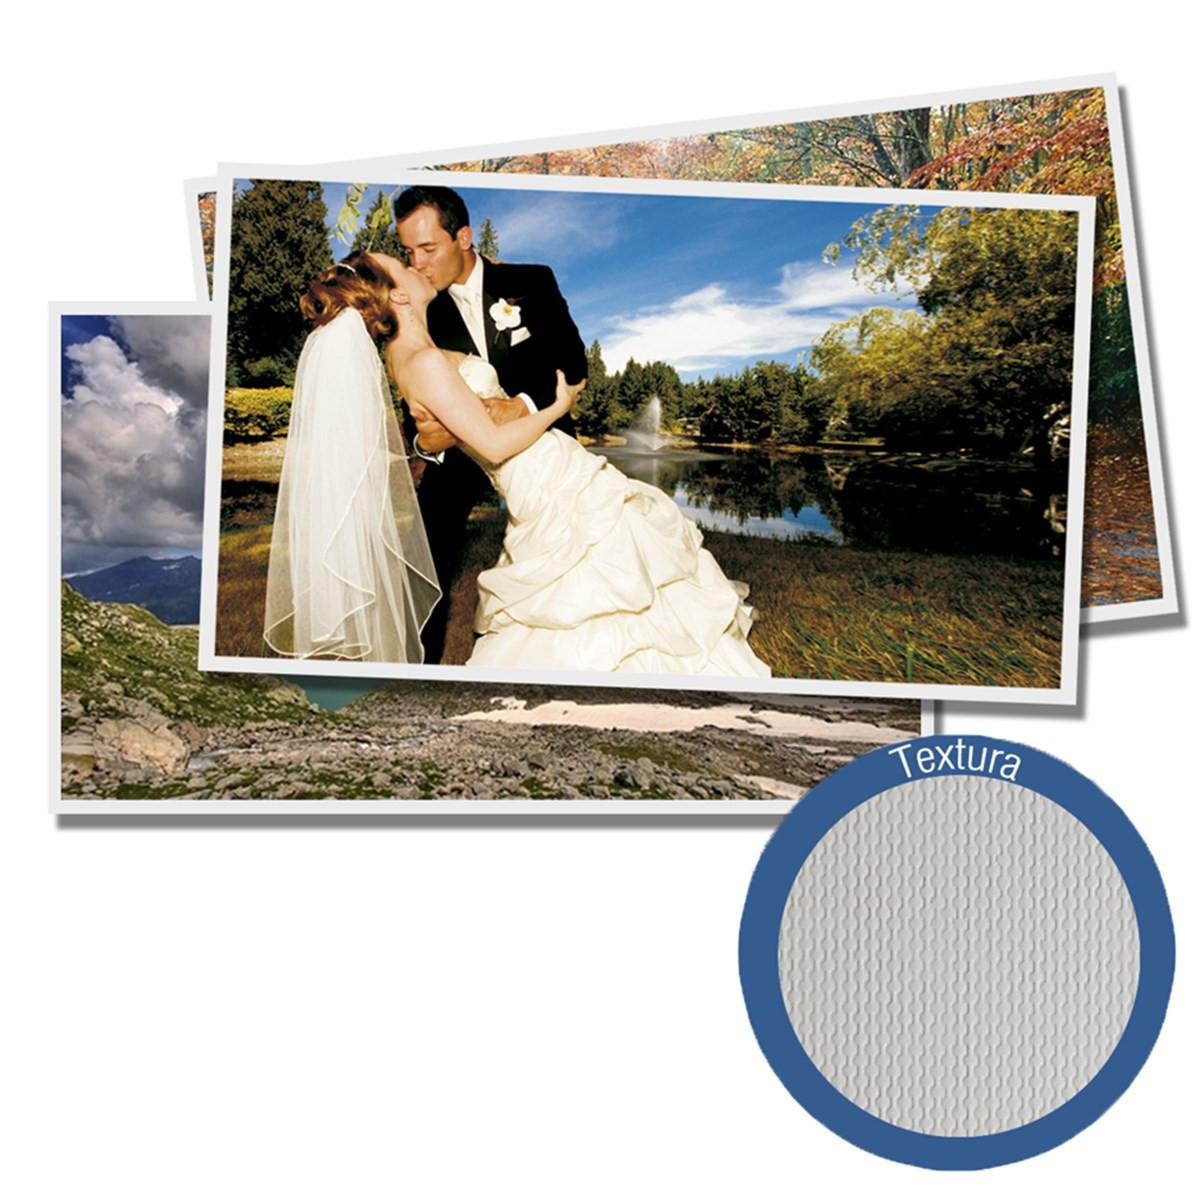 Papel Fotográfico Glossy Brilhante Textura Pérola   200g tamanho A4   Pacote com 20 folhas